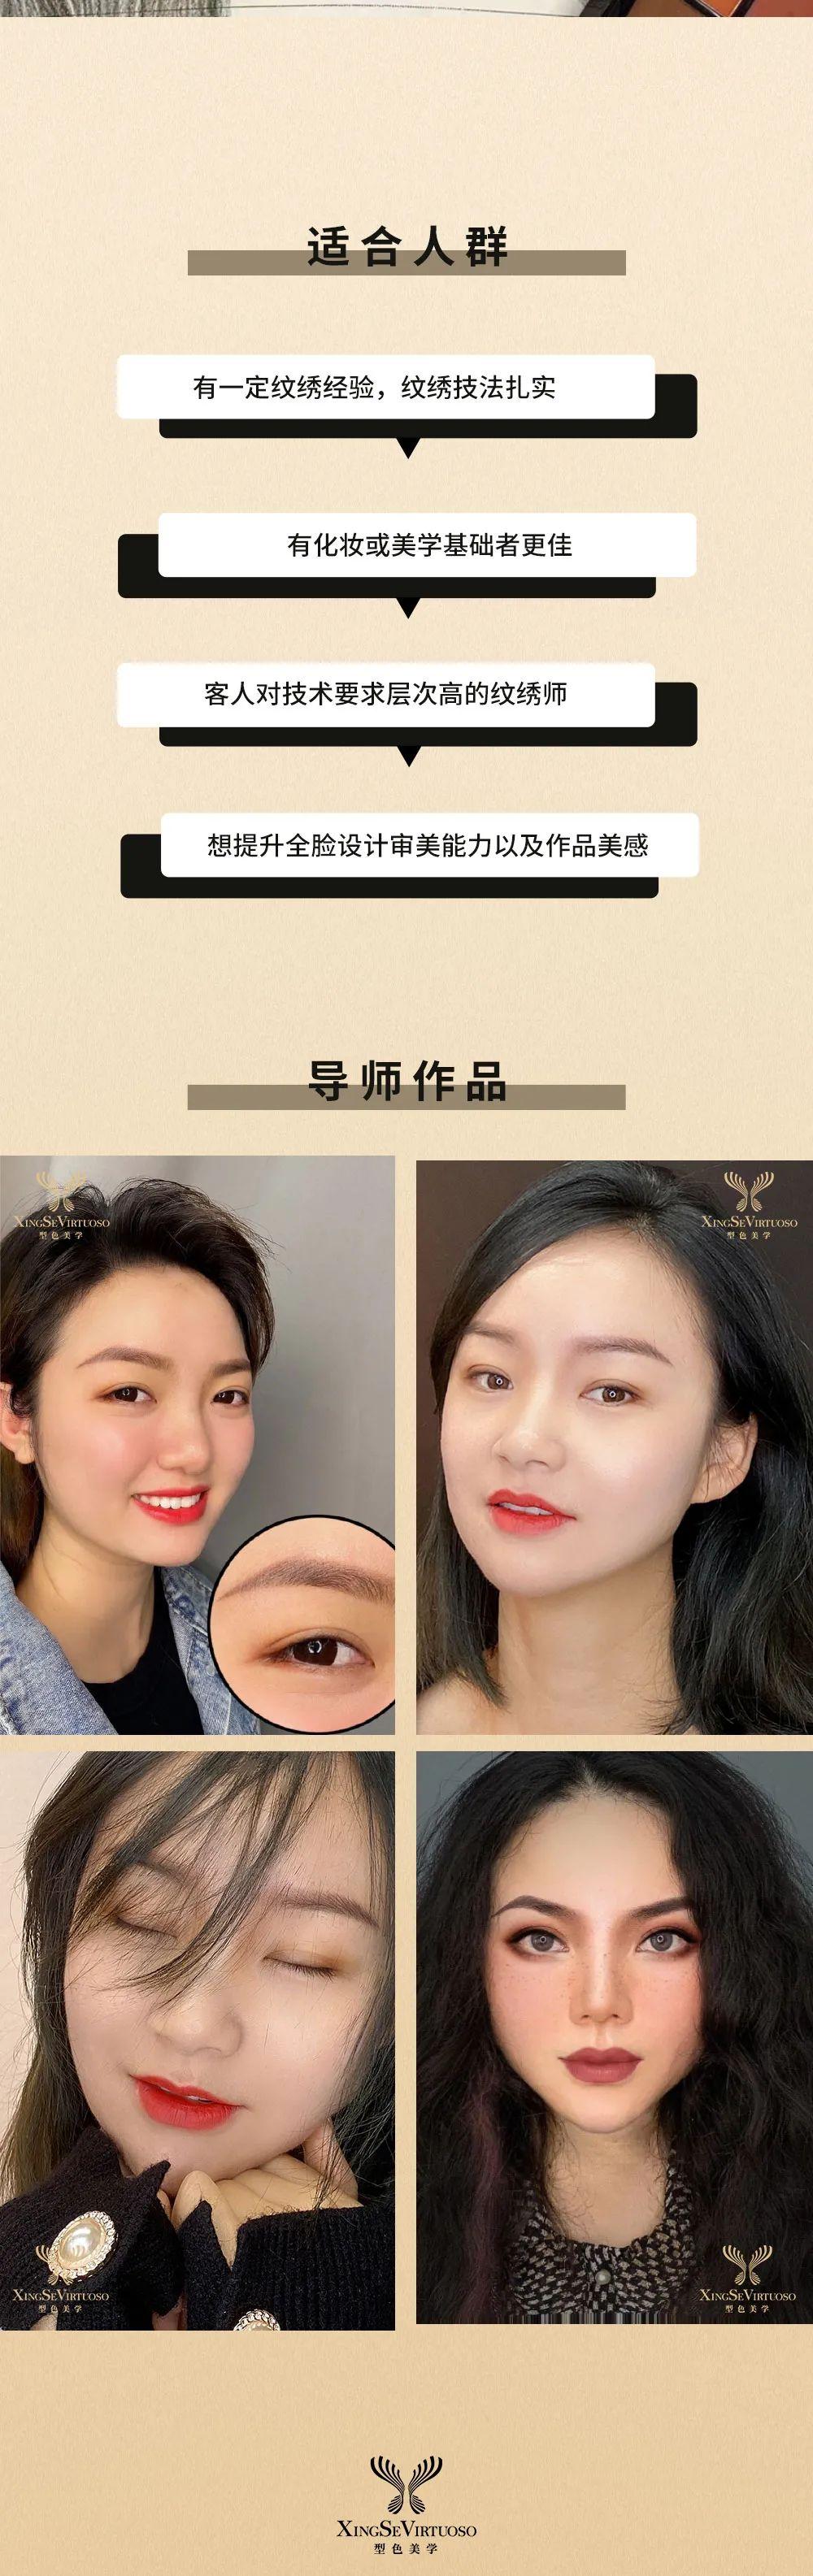 型色美学   课程- 光影全脸定妆大师班 公司新闻 第7张